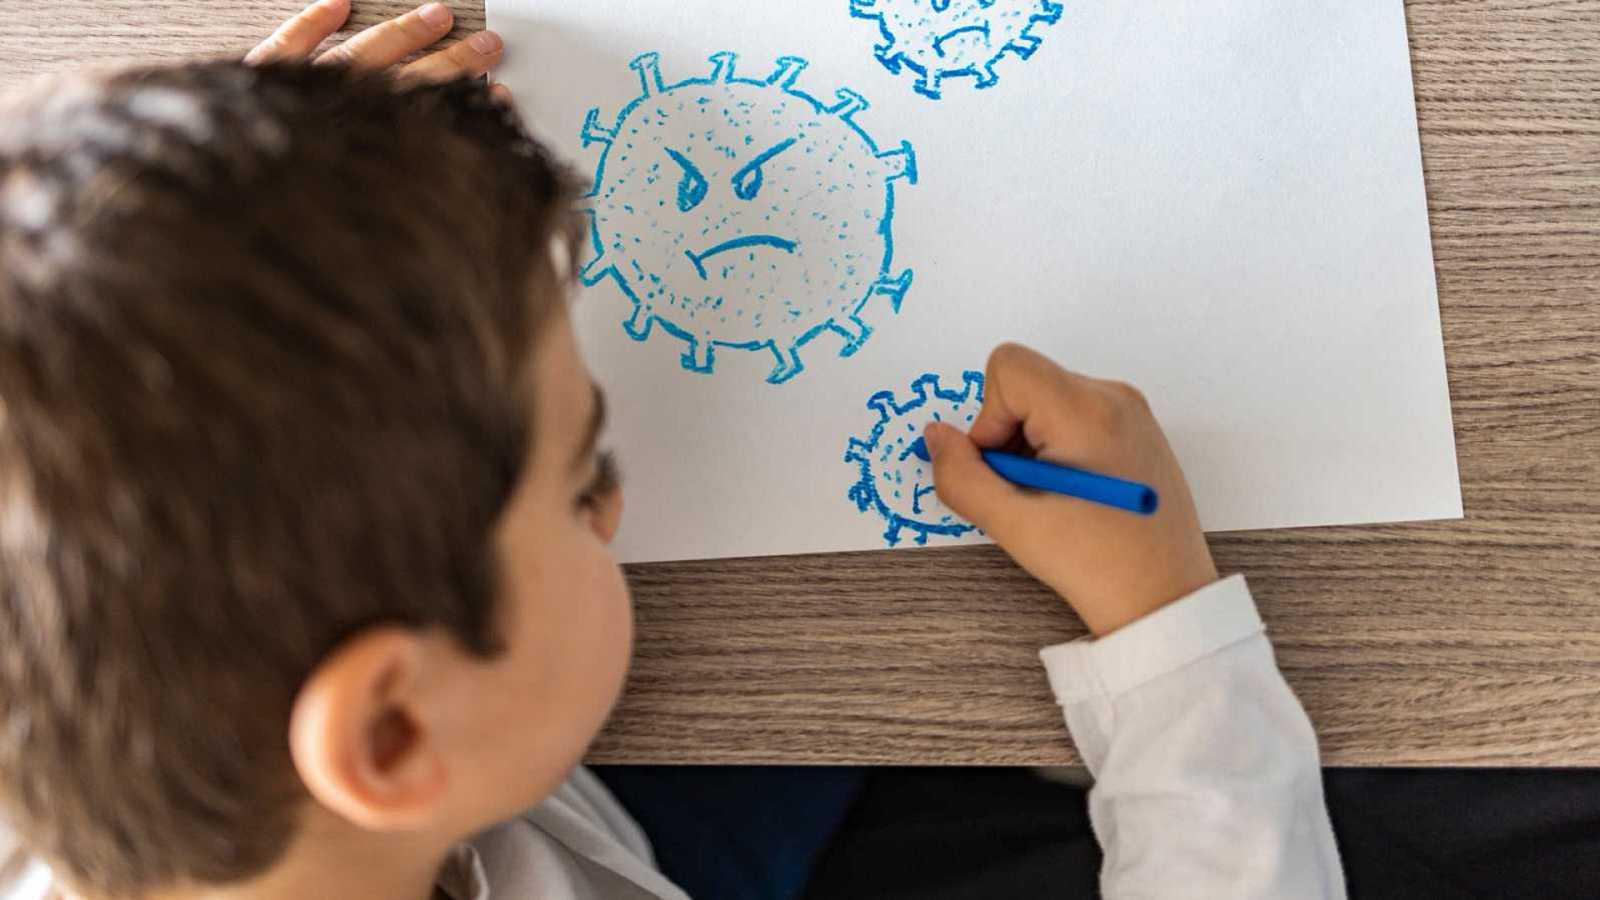 Meridiano de Turing - Niños más pacientes y creativos: la otra cara de la pandemia - 02/04/21 - escuchar ahora